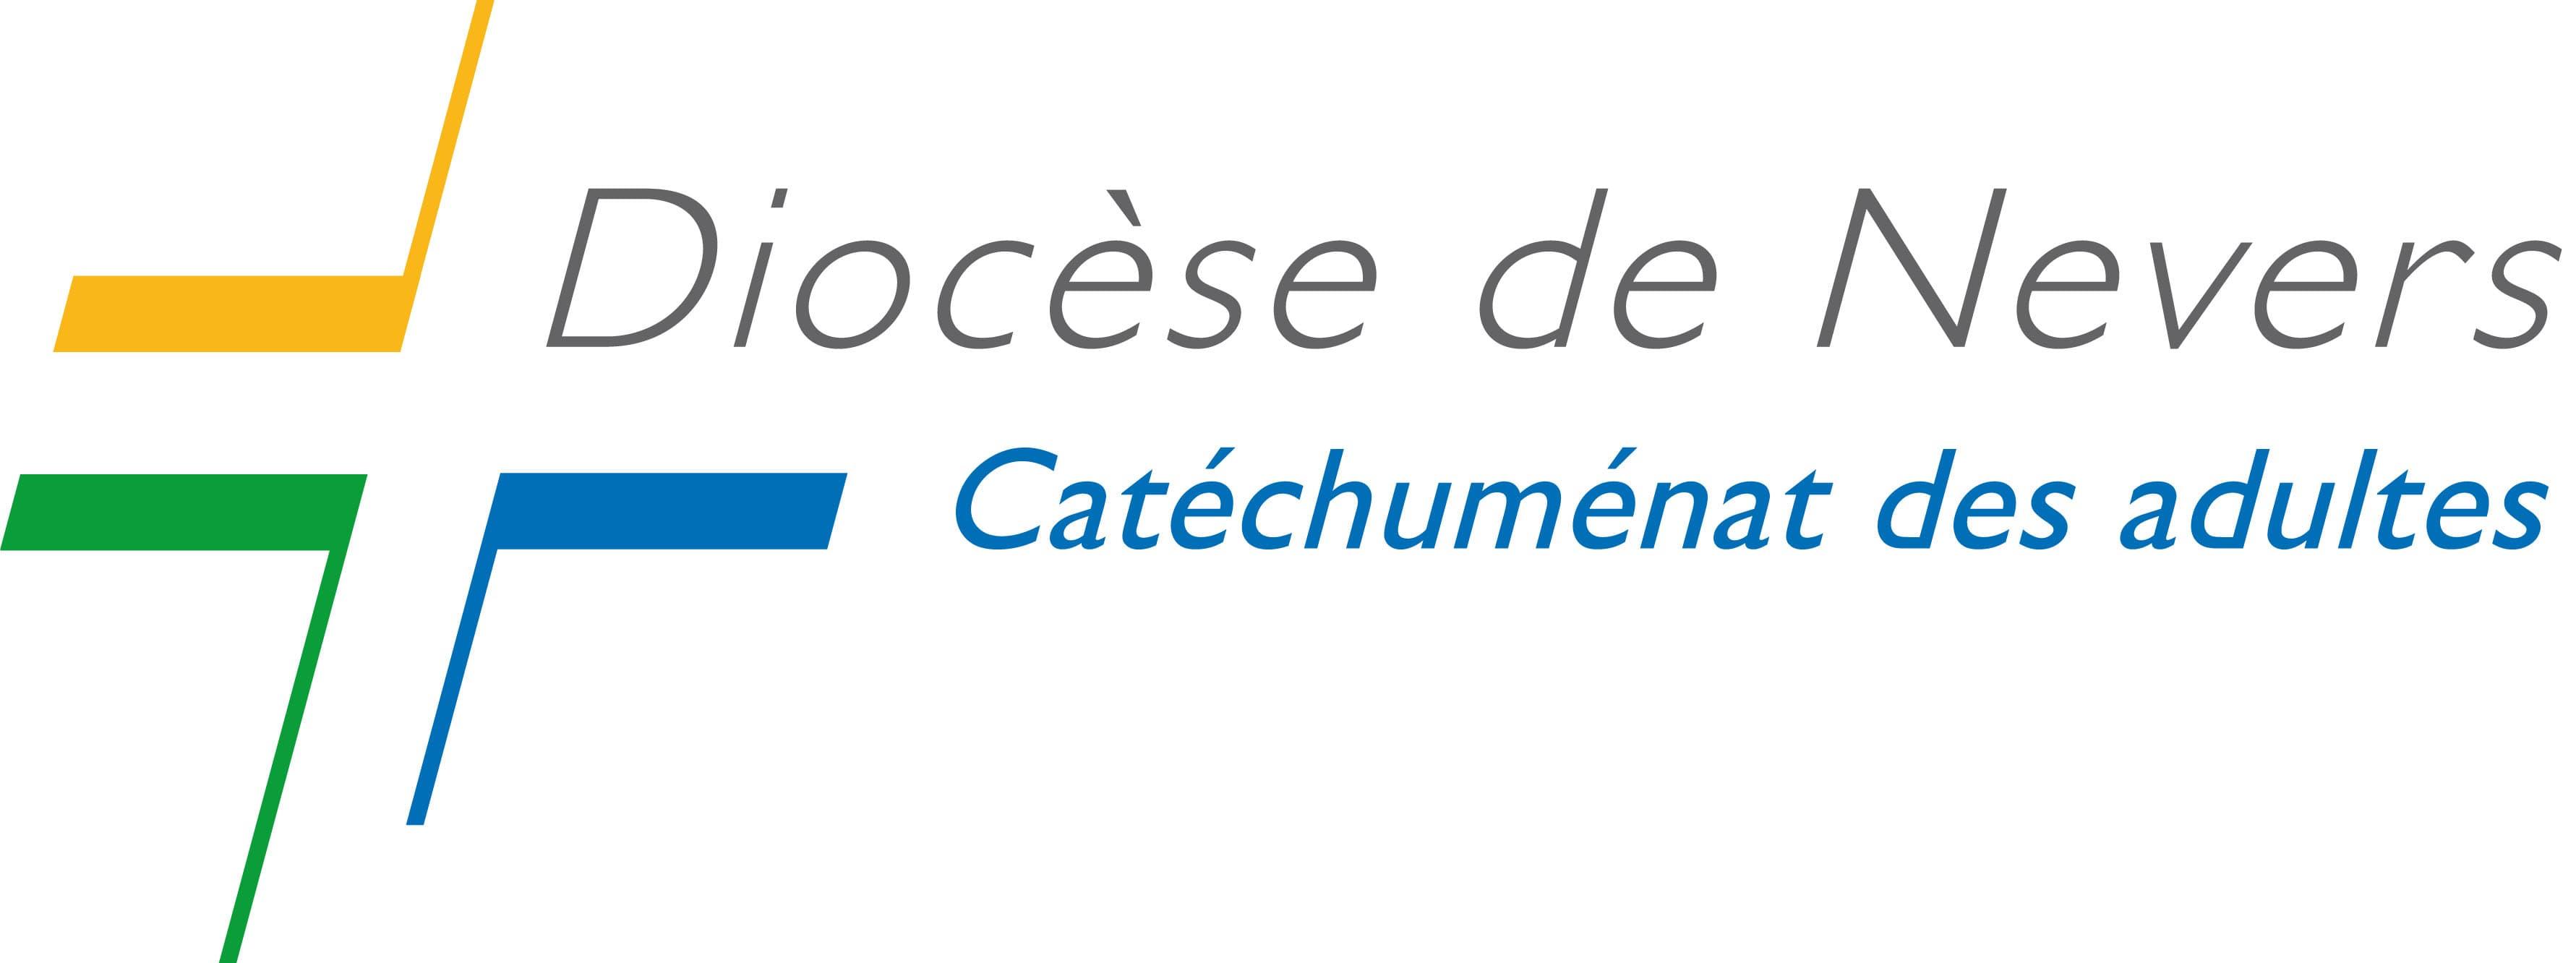 Catéchuménat des adultes de la Nièvre